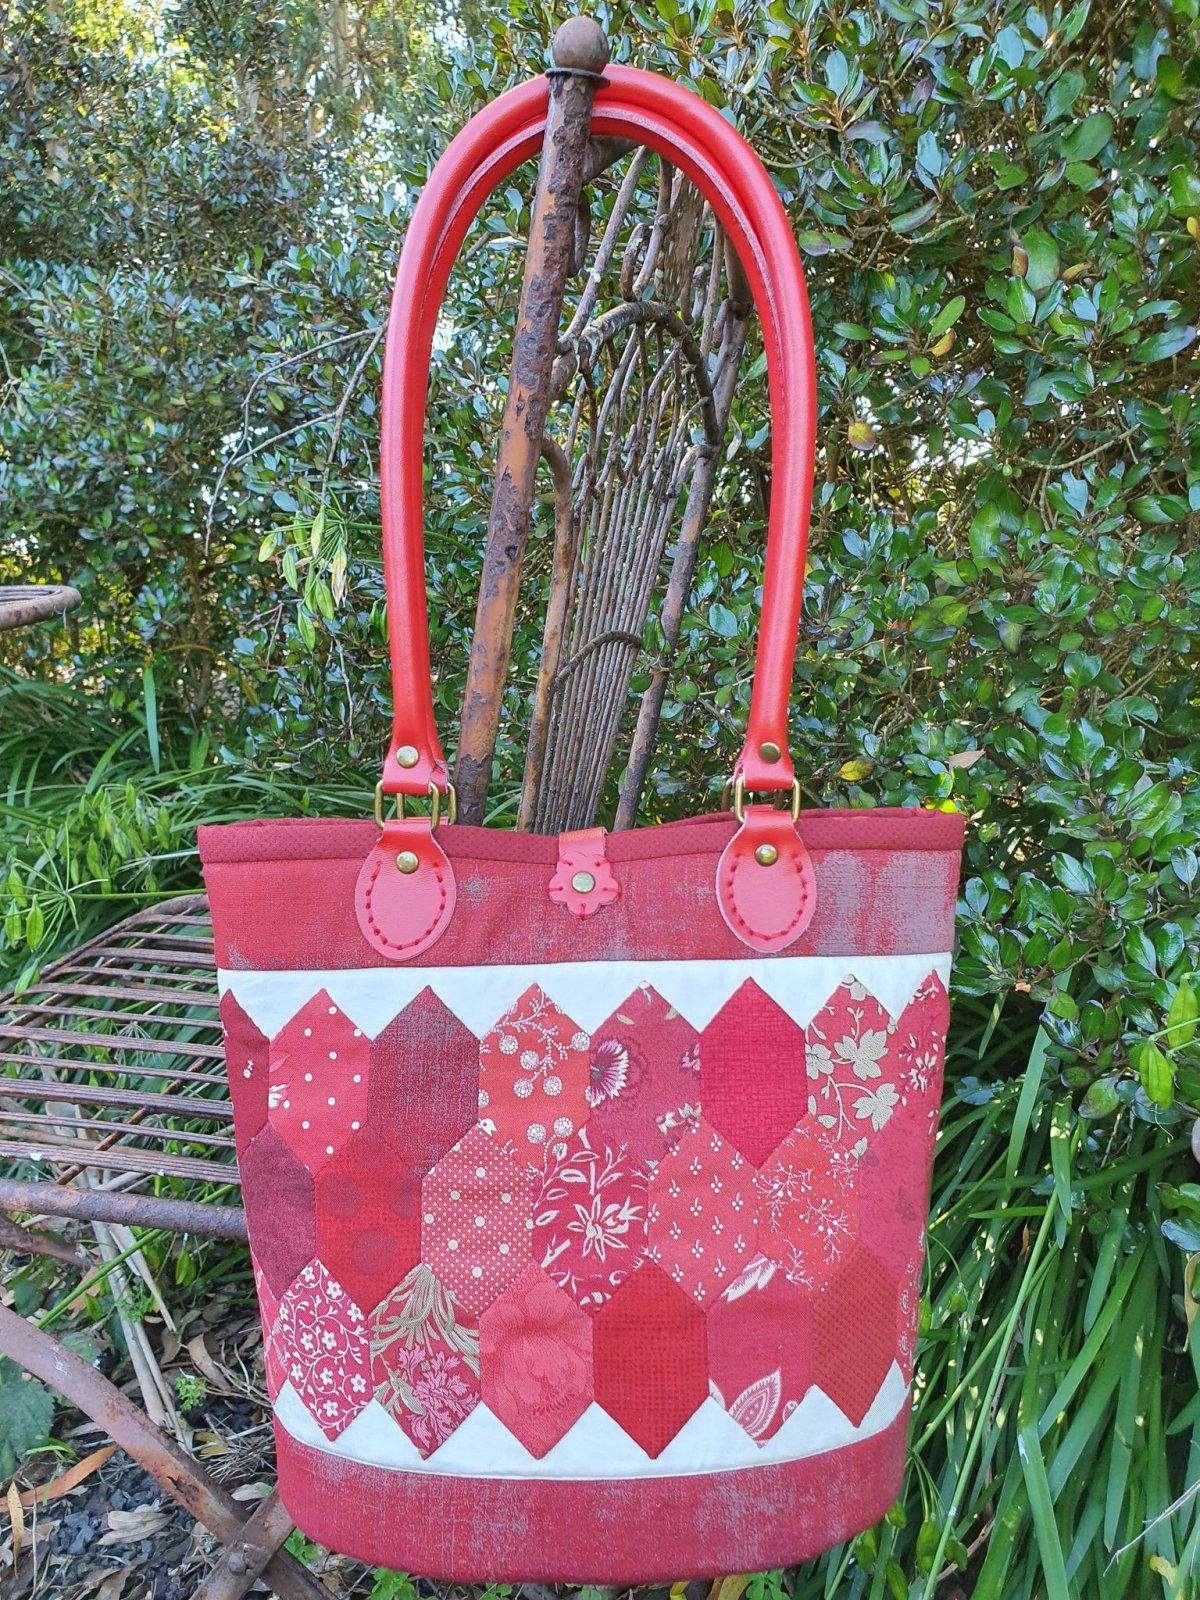 My Red Bag kit